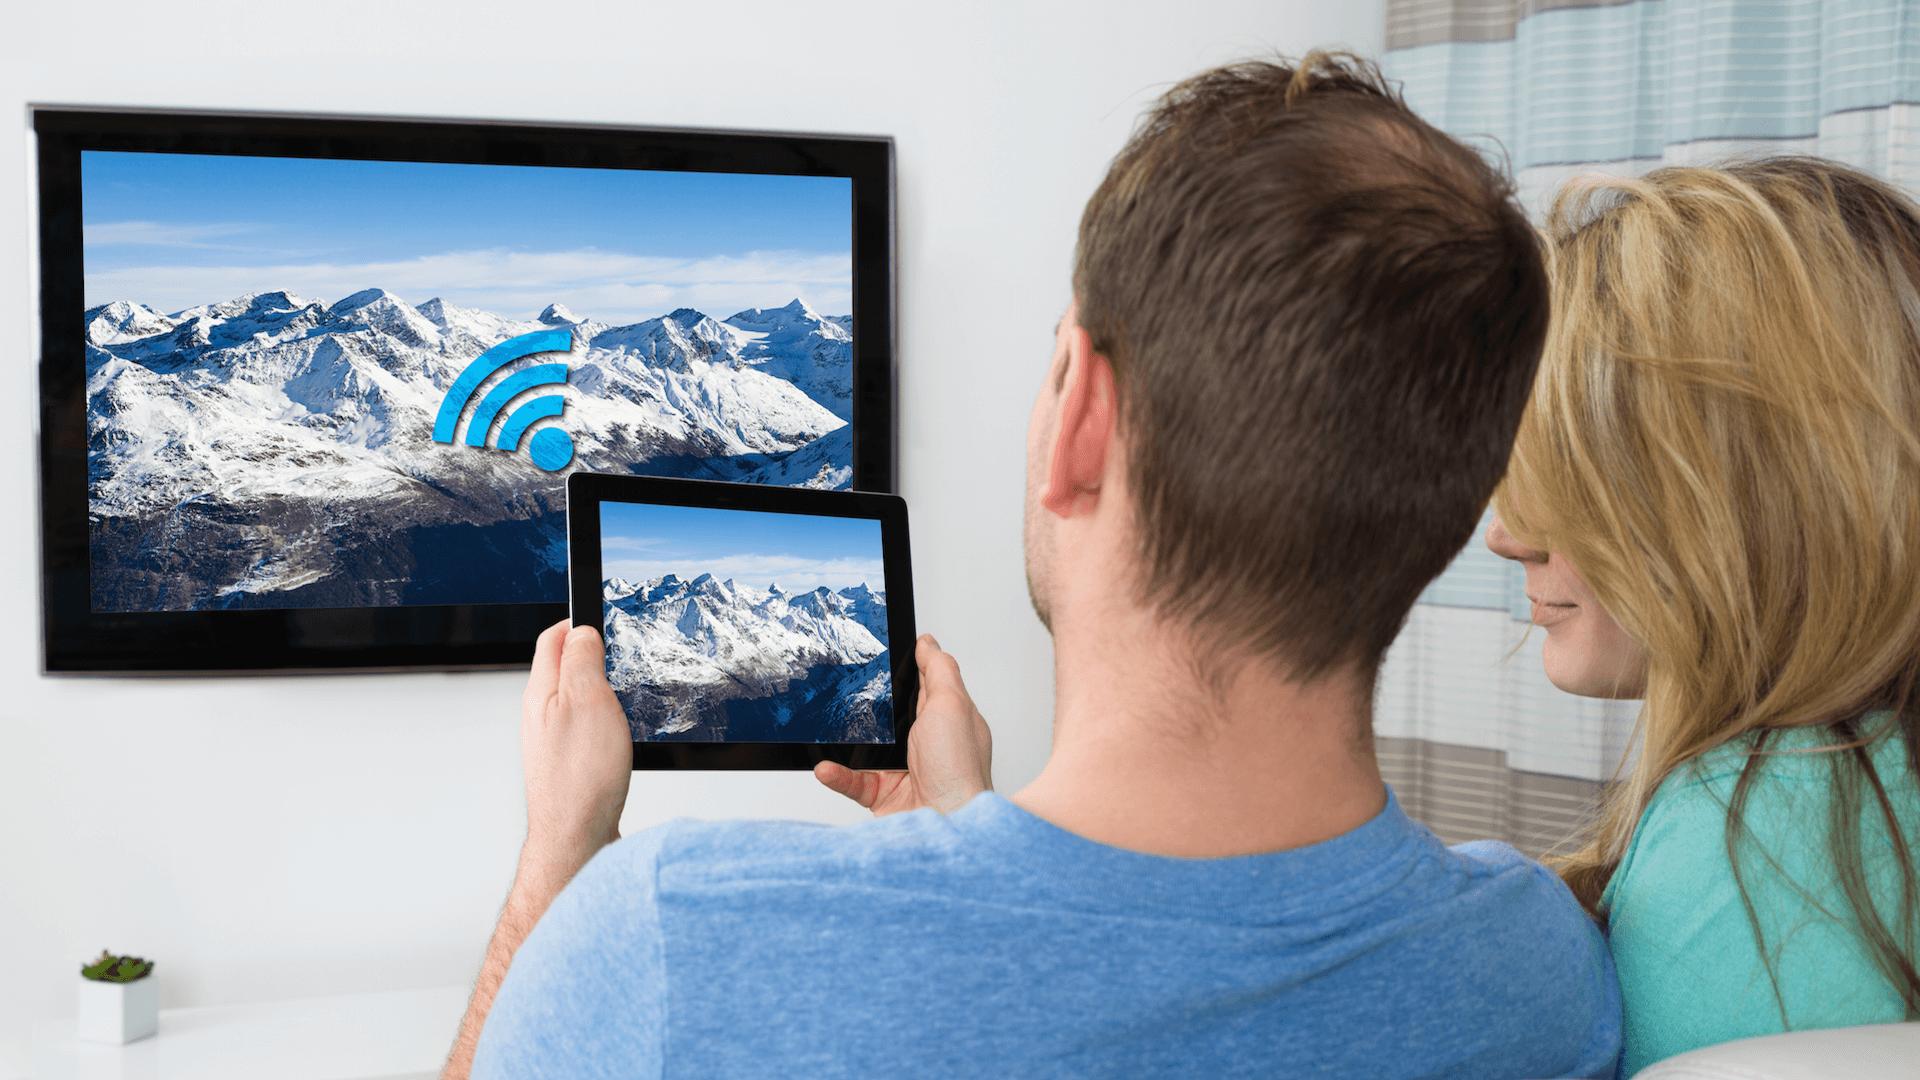 Internet truyền hình đang thay đổi định nghĩa về TV